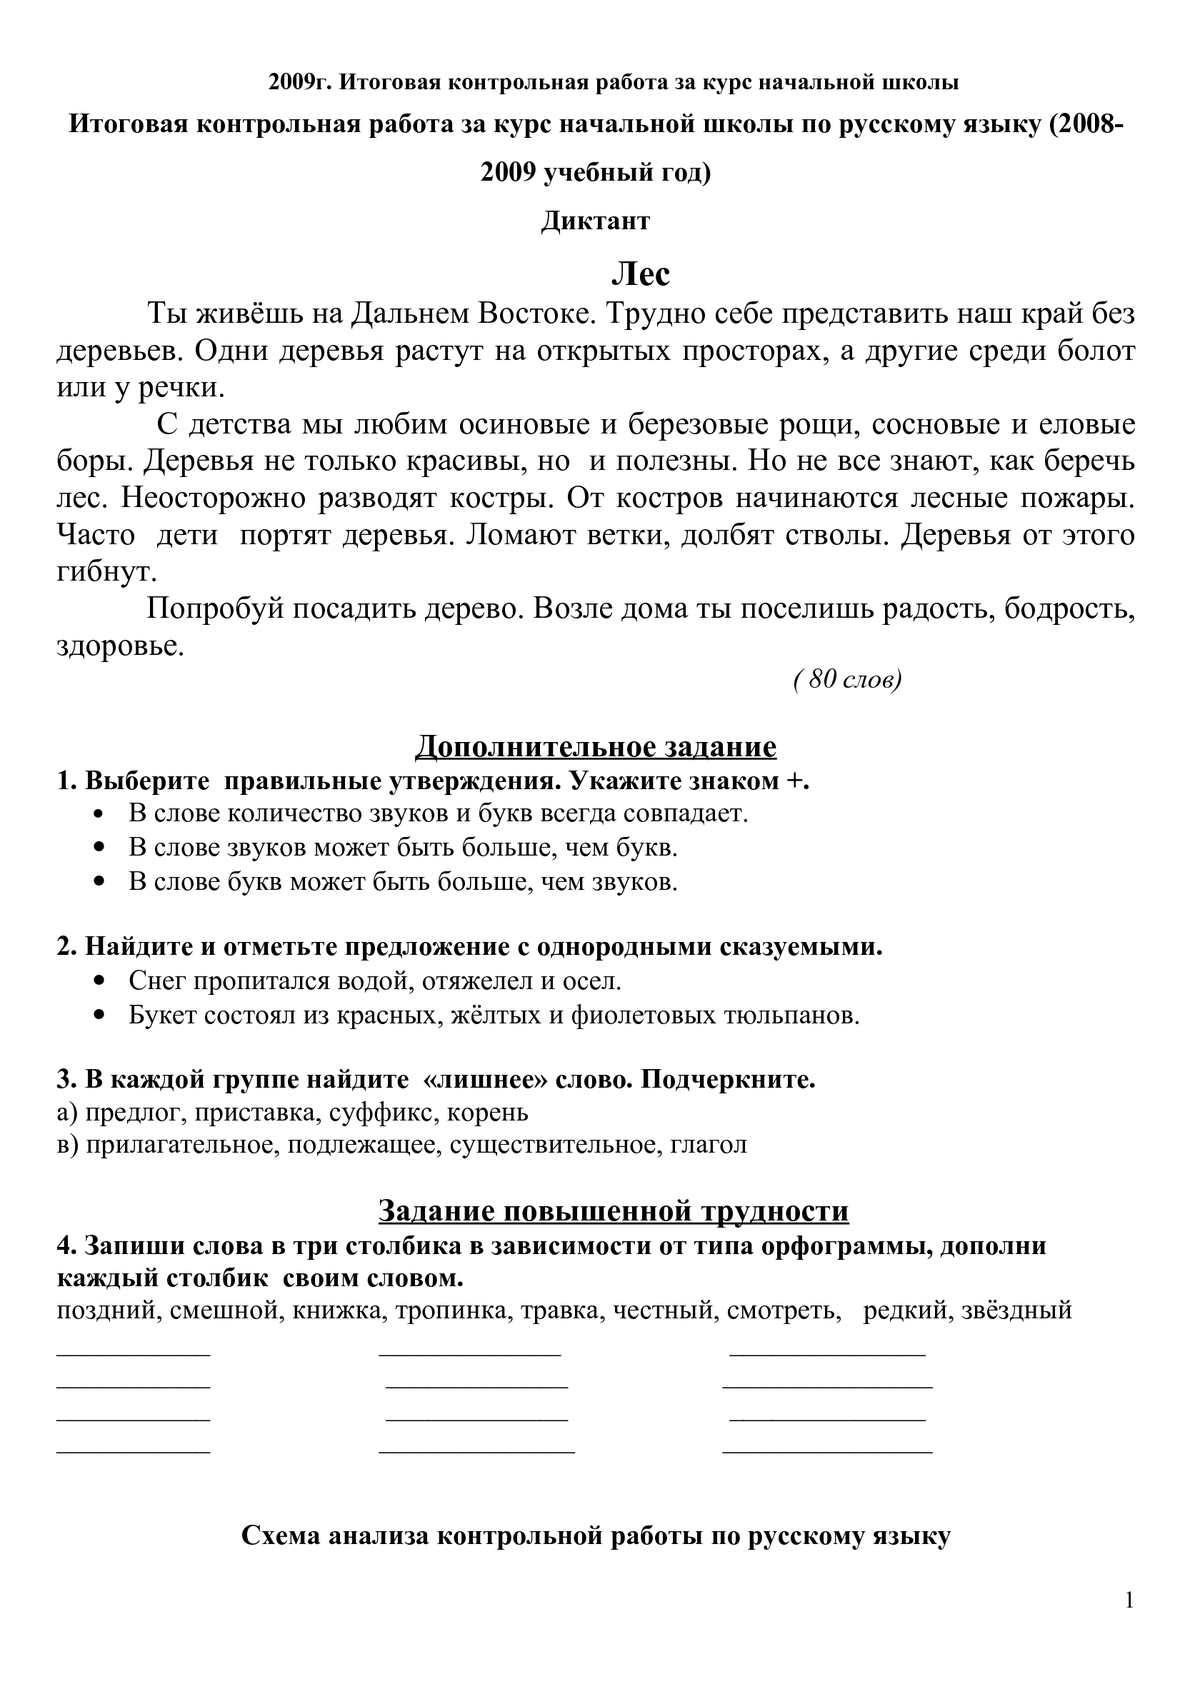 Словесный анализ контрольной работы по русскому языку 9923